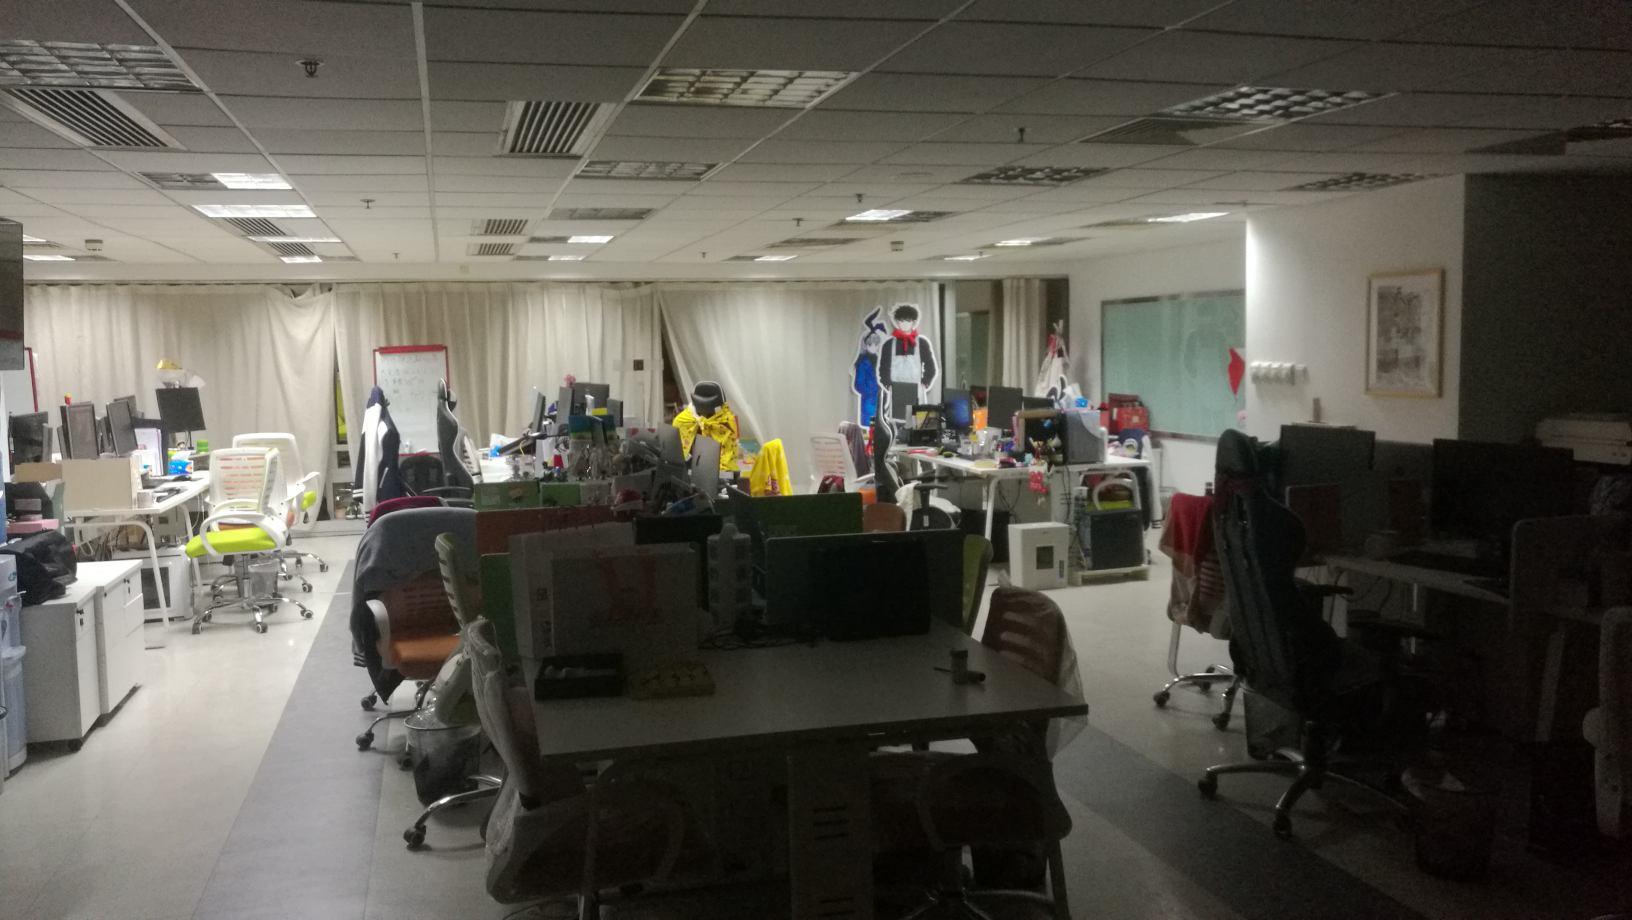 图b-3 右边渠道部的右边还有个长桌,有一排吃的啥的,右后方是会议室没拍